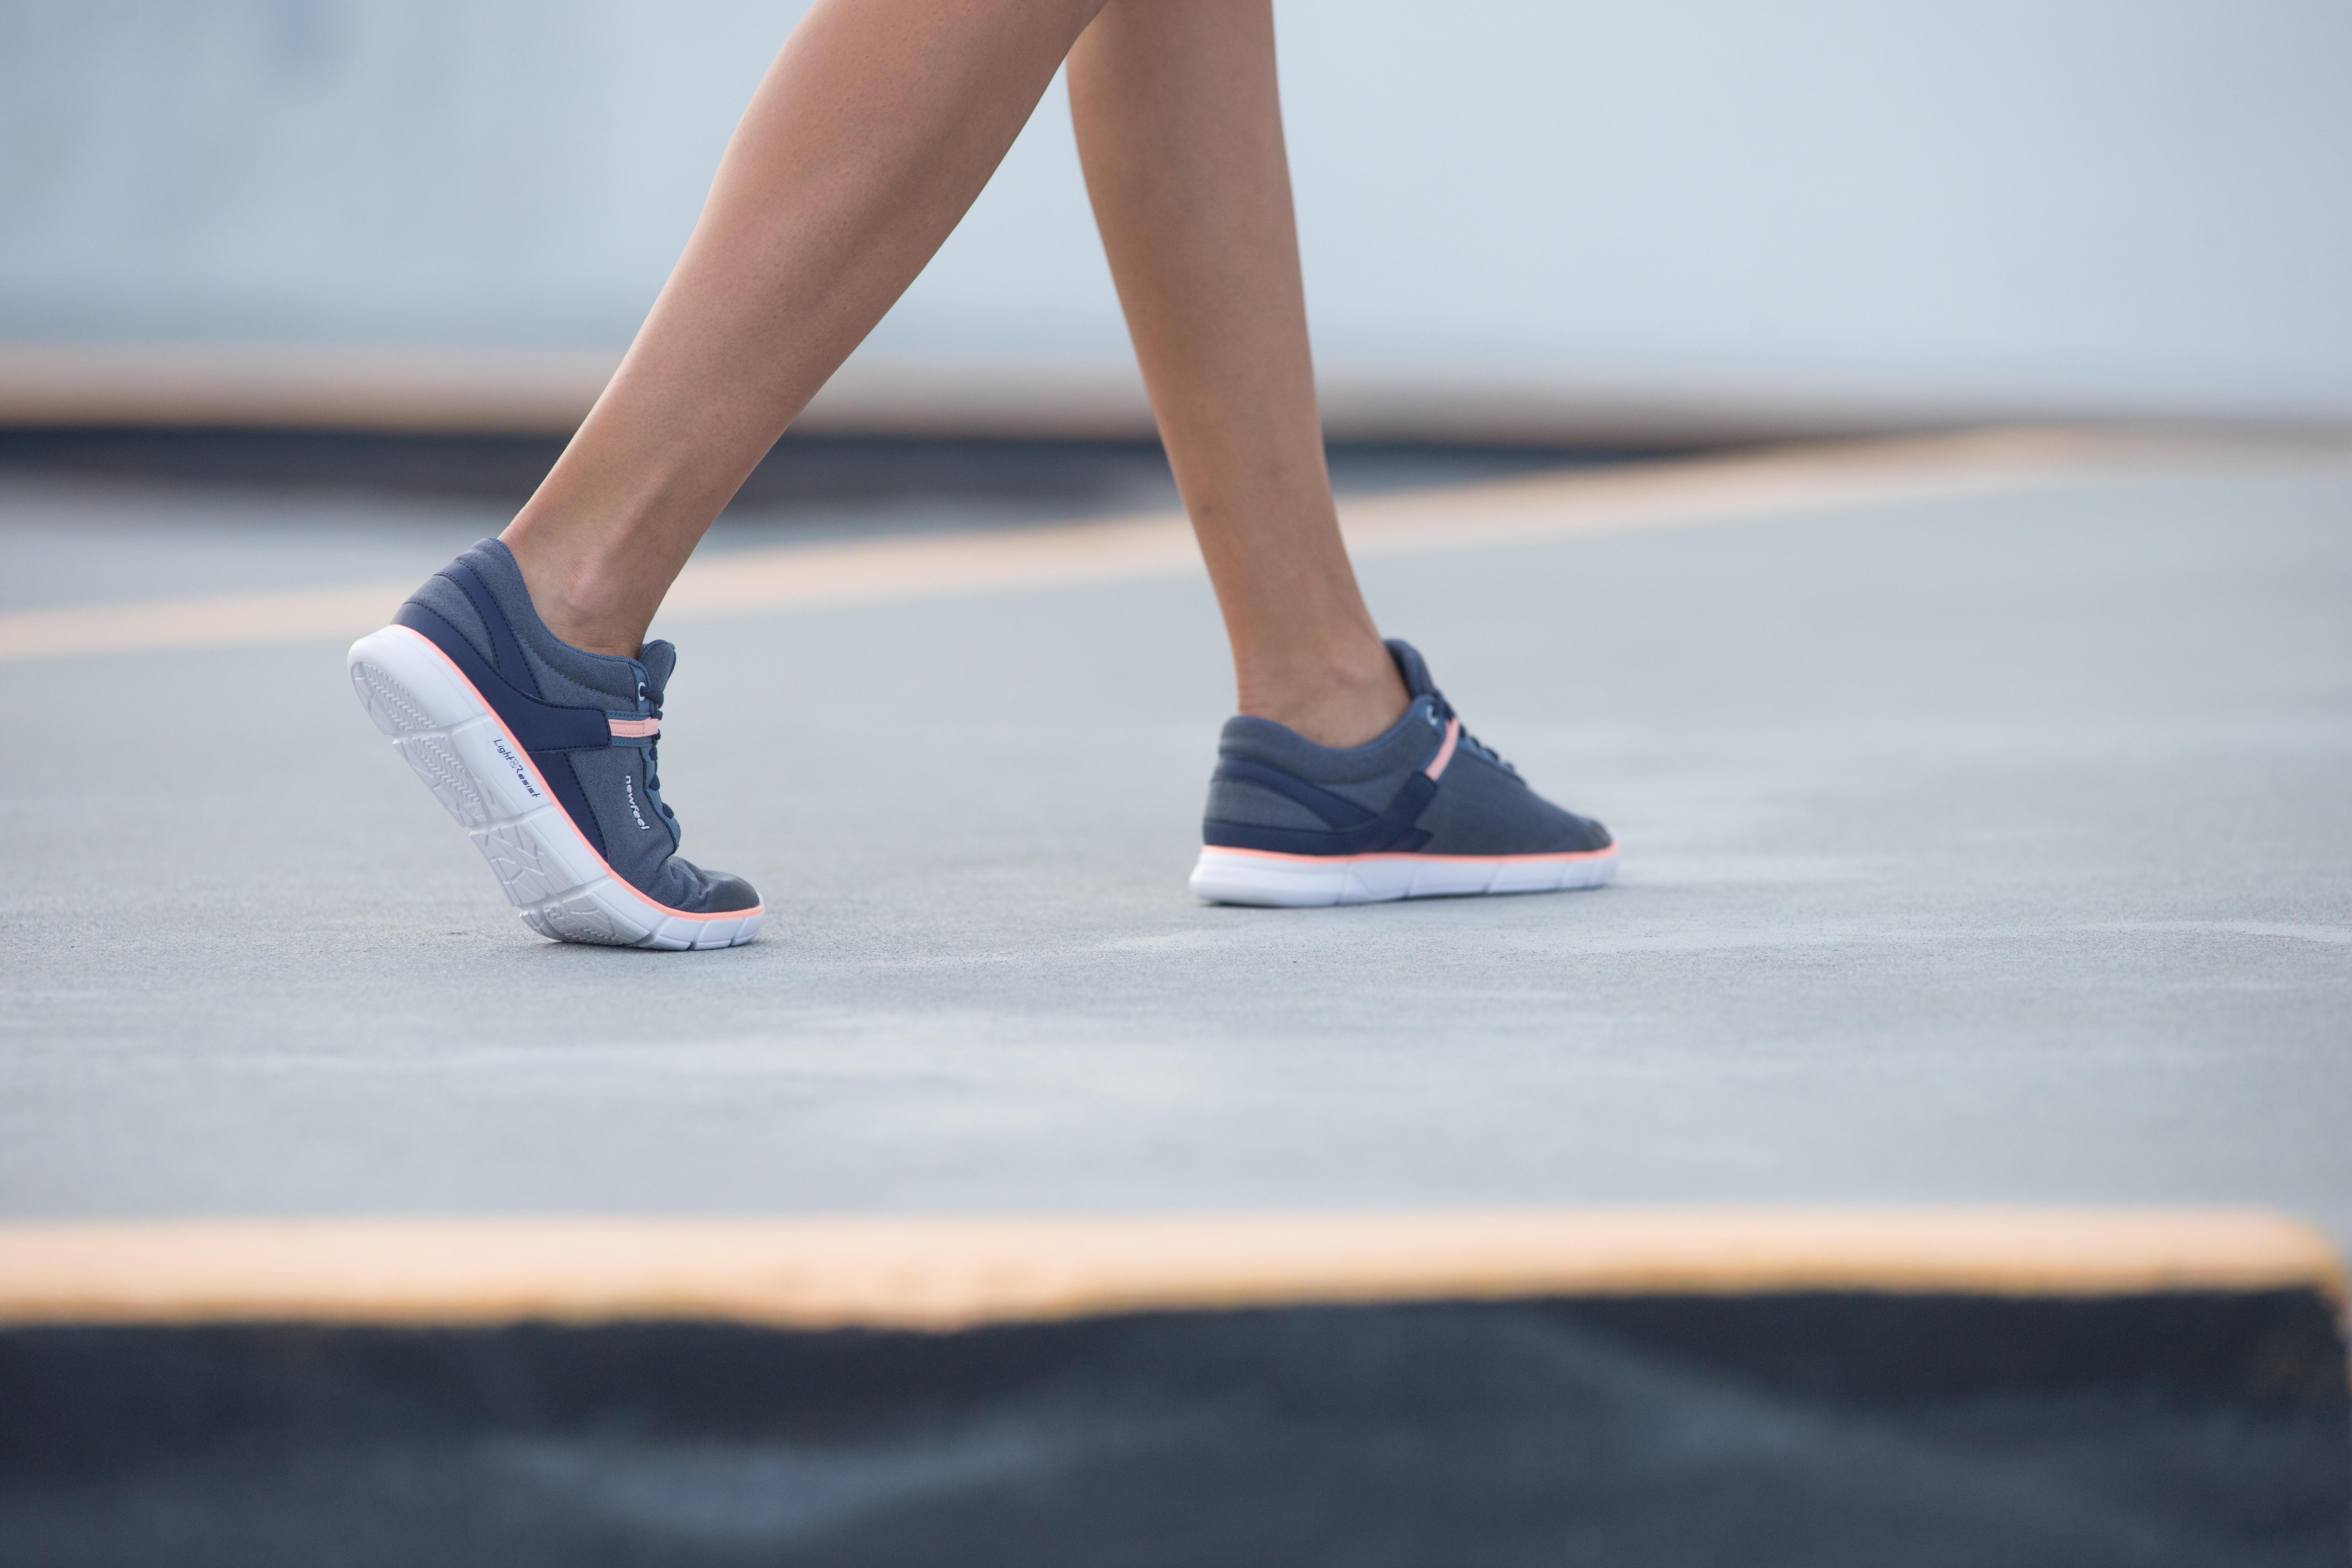 Walking shoes for women soft 540 - Mottled White